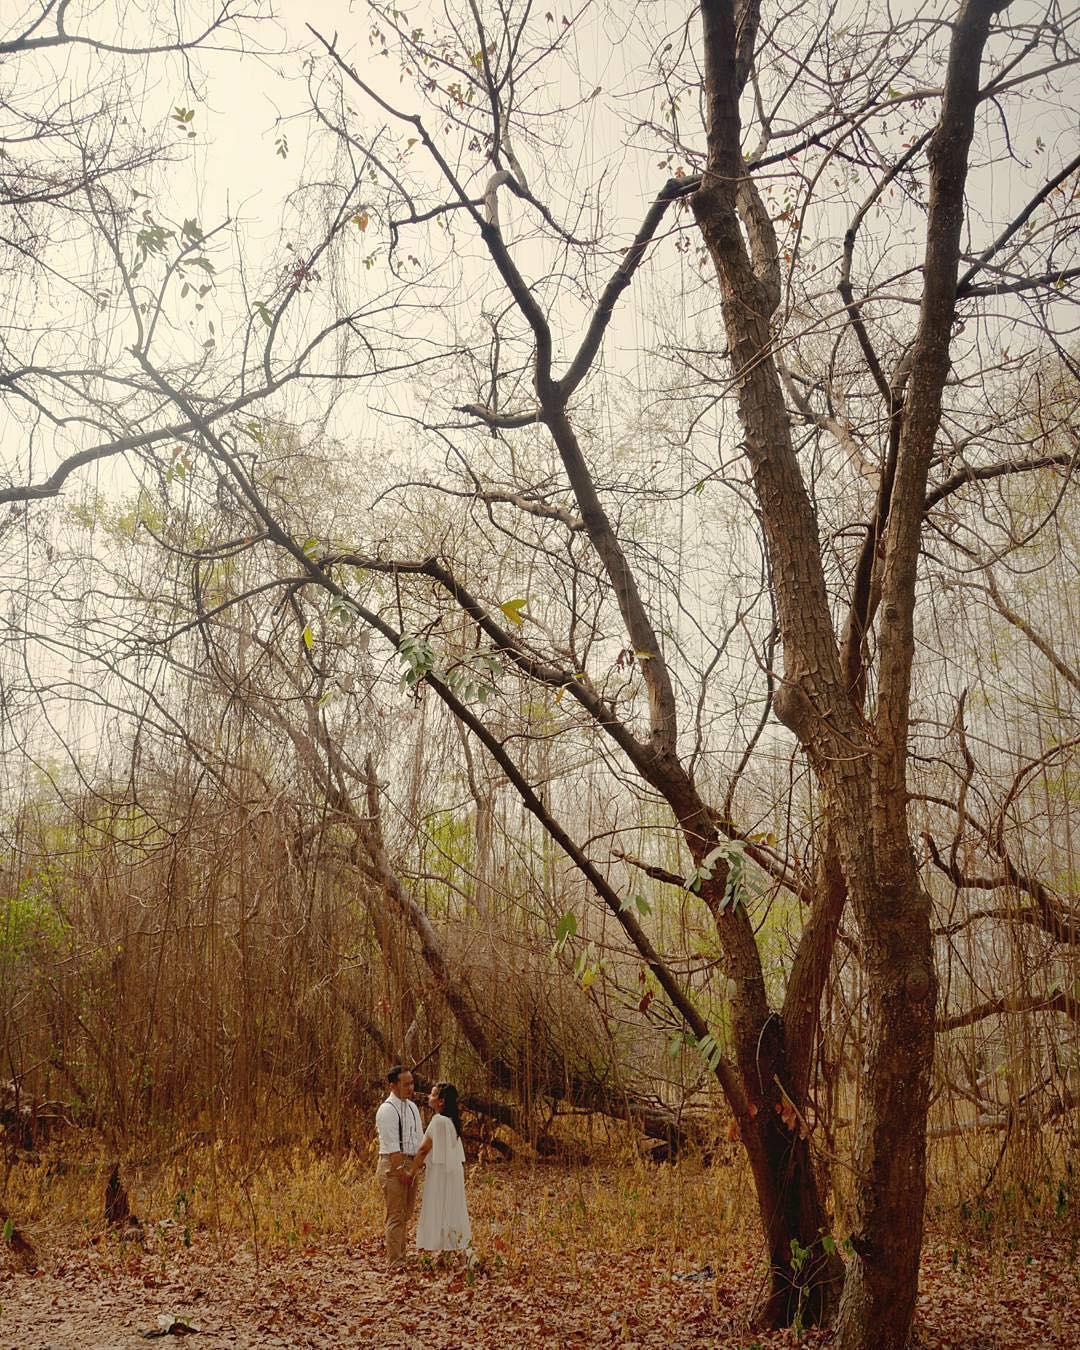 Hutan Kota Srengseng, Hutan Kota Srengseng Jakarta, Jakarta, Dolan Dolen, Dolaners